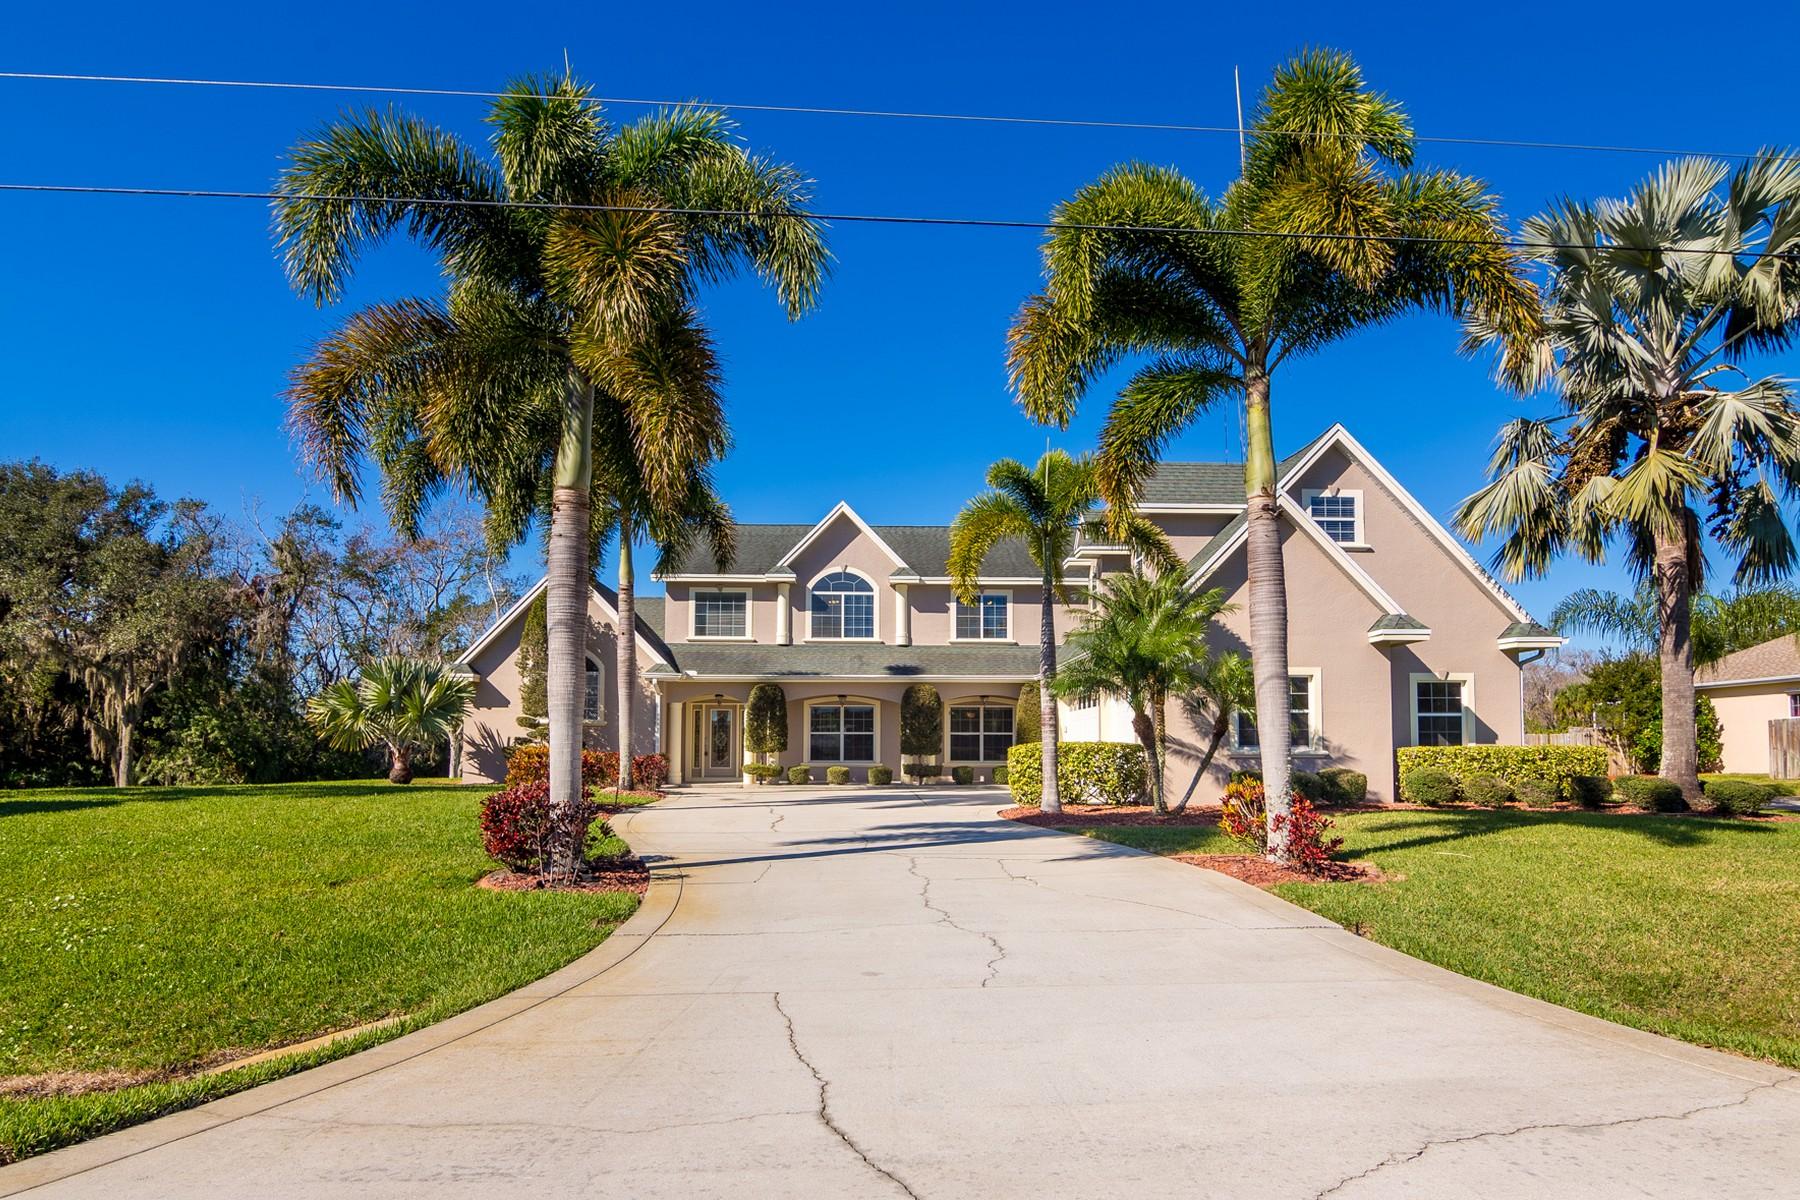 一戸建て のために 売買 アット Windover Farms of Melbourne 4450 Philodendron Ct Melbourne, フロリダ, 32934 アメリカ合衆国